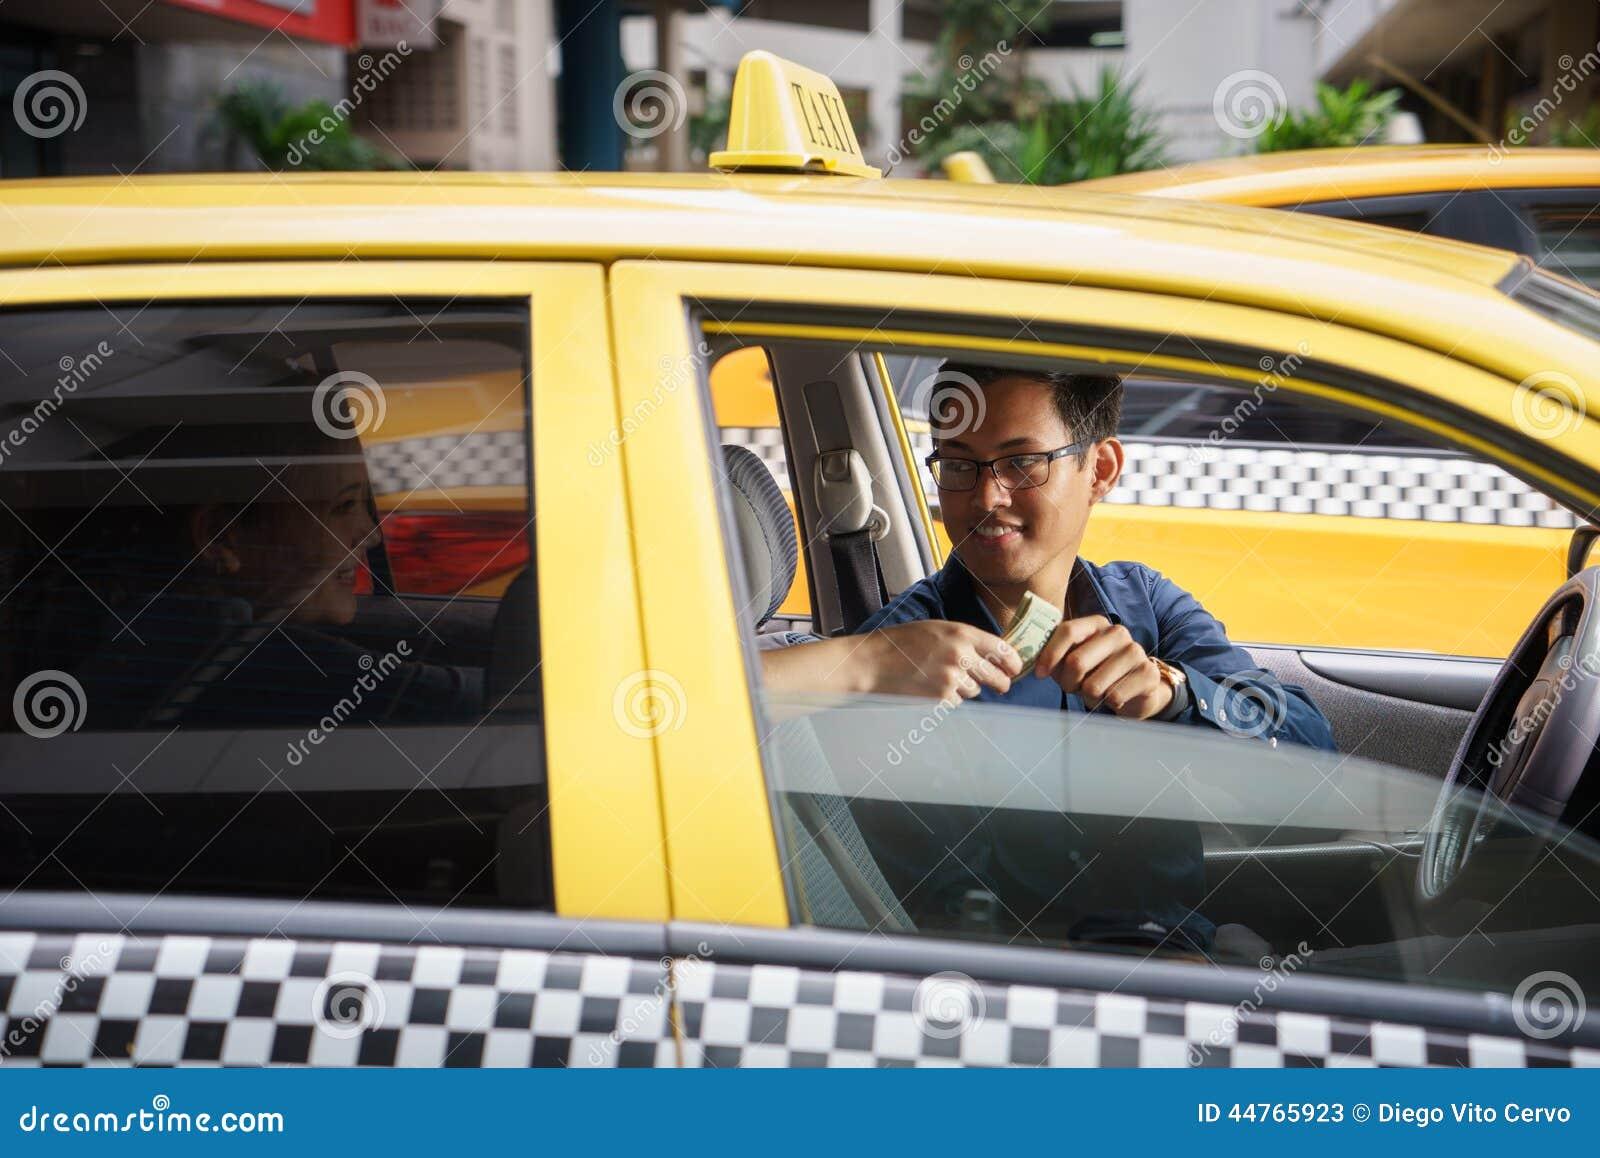 chauffeur de taxi conduisant le client heureux de voiture payant l 39 argent image stock image du. Black Bedroom Furniture Sets. Home Design Ideas